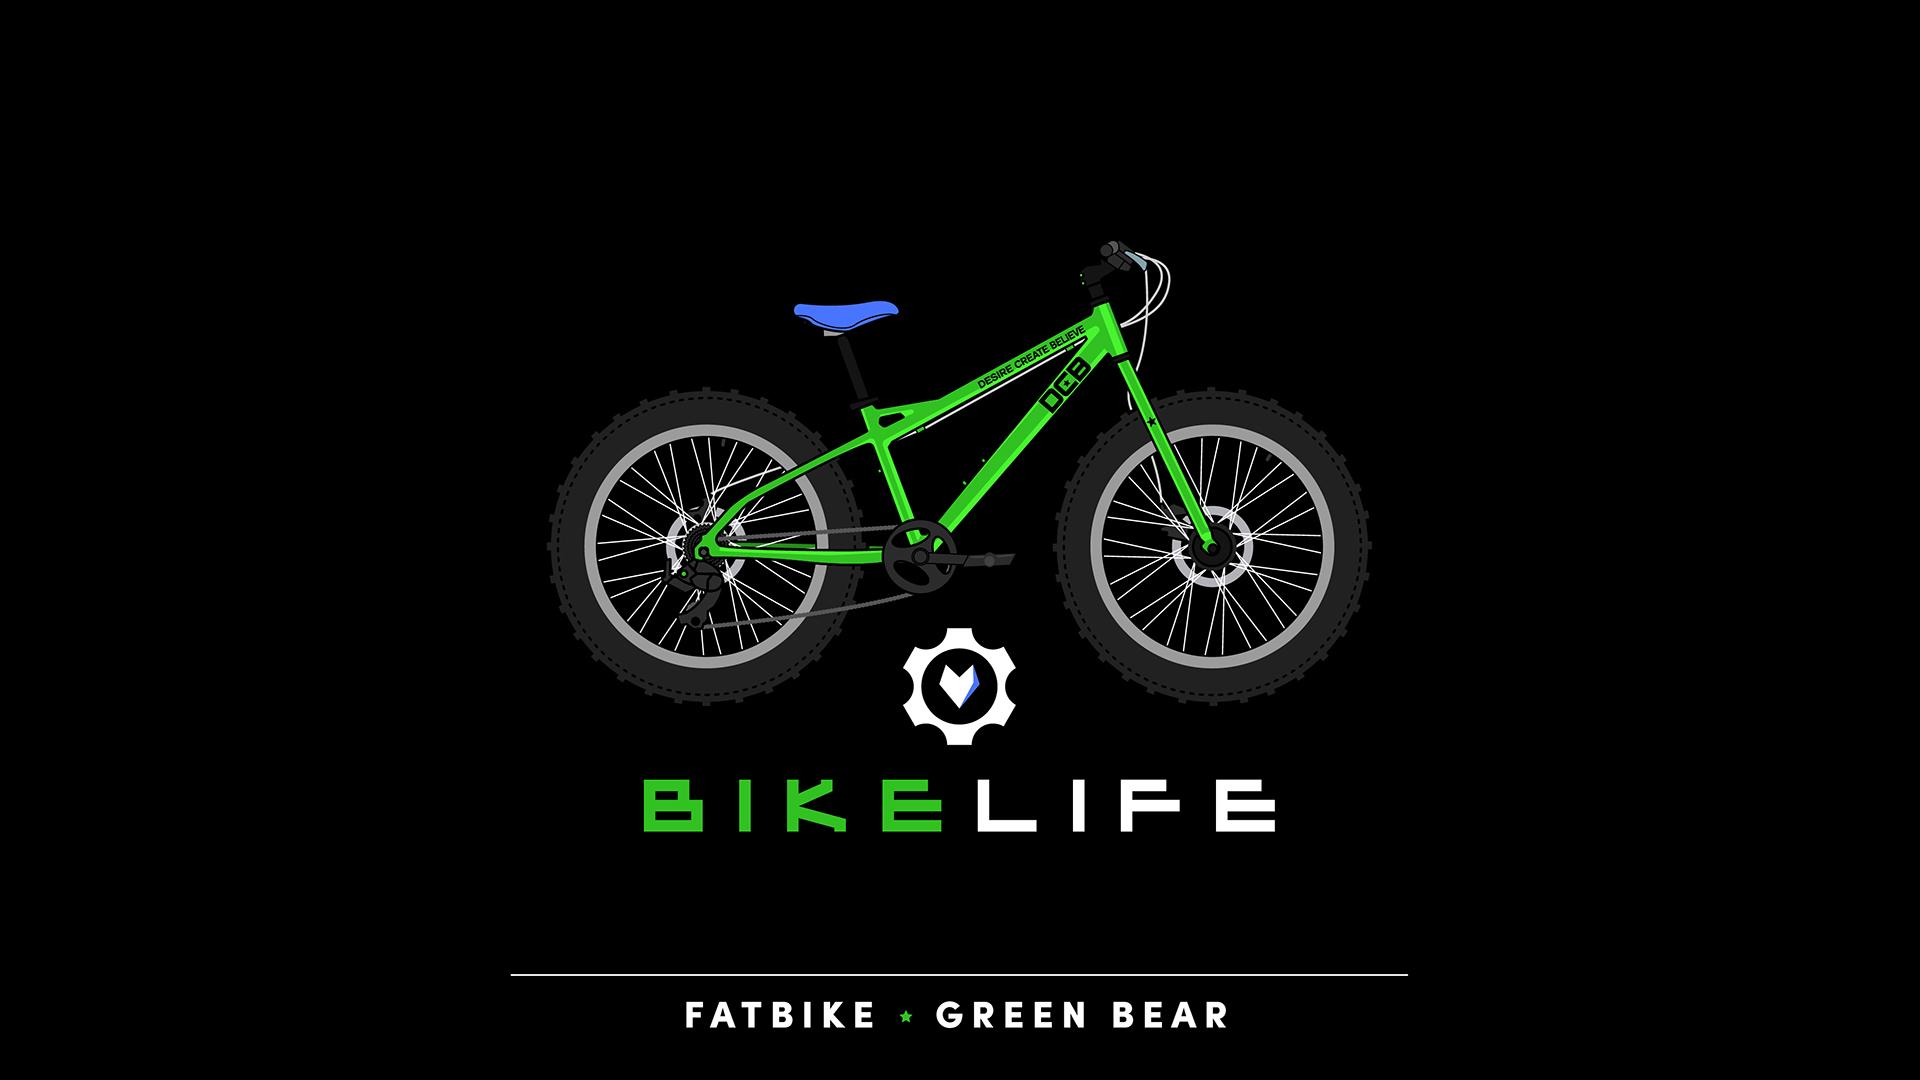 Bike Life Fatbike Green Bear.jpg